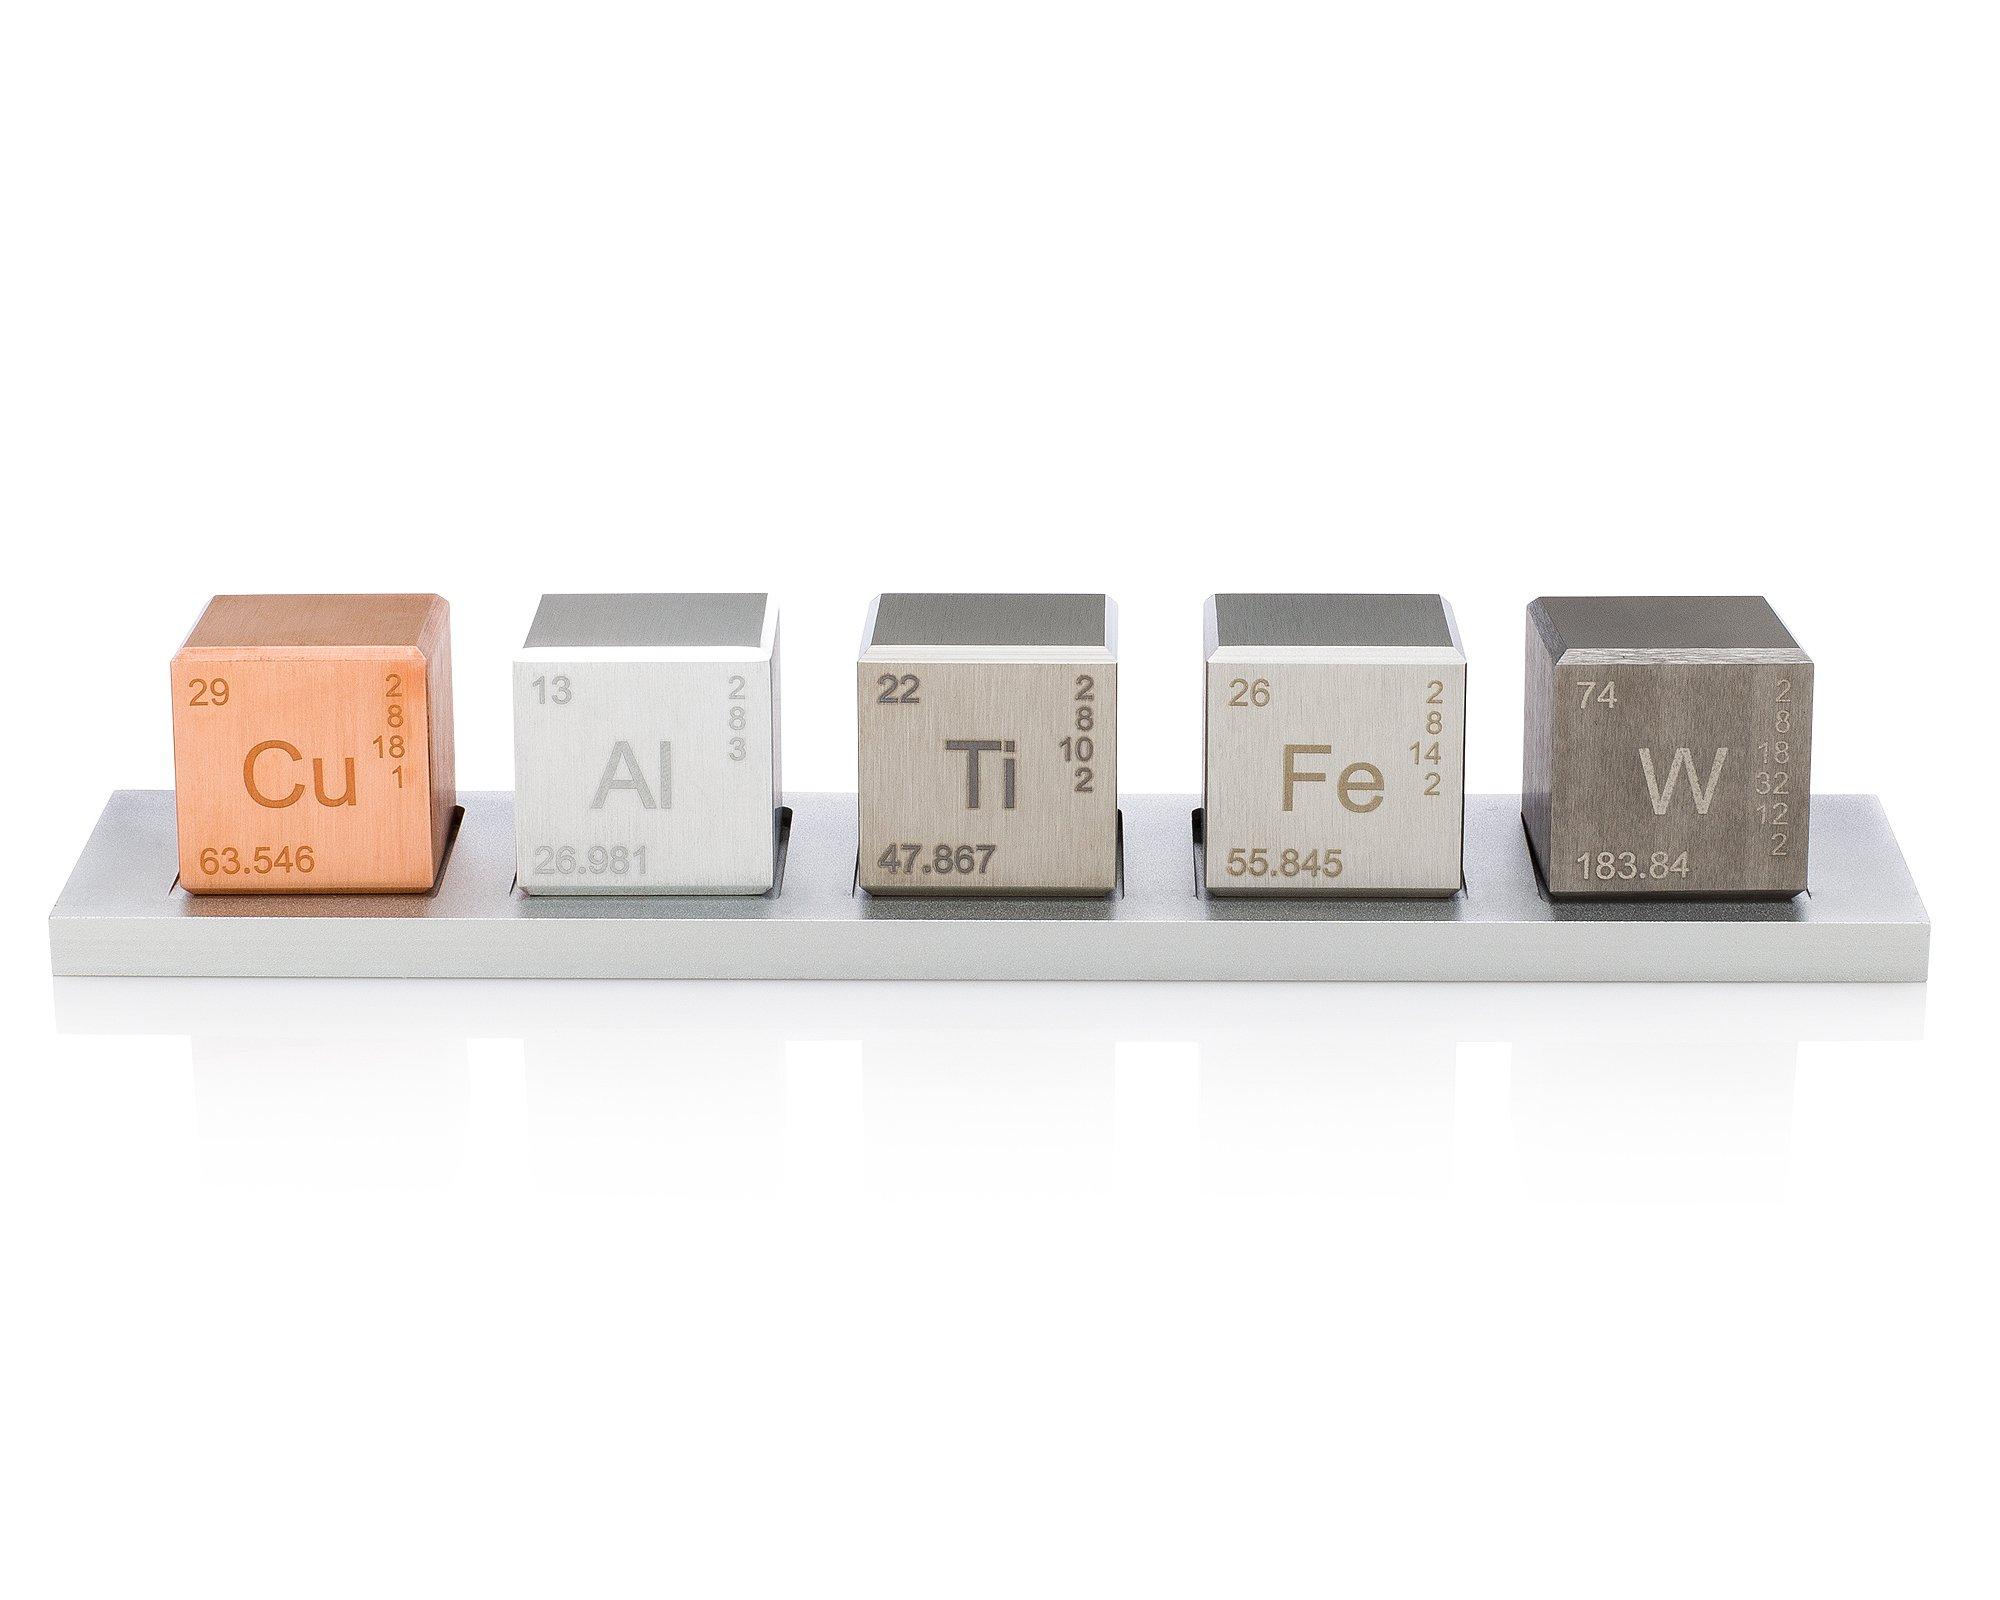 Element 1'' Cube Set (Tungsten Carbide, Copper, Titanium, Aluminum, and Iron Alloys)